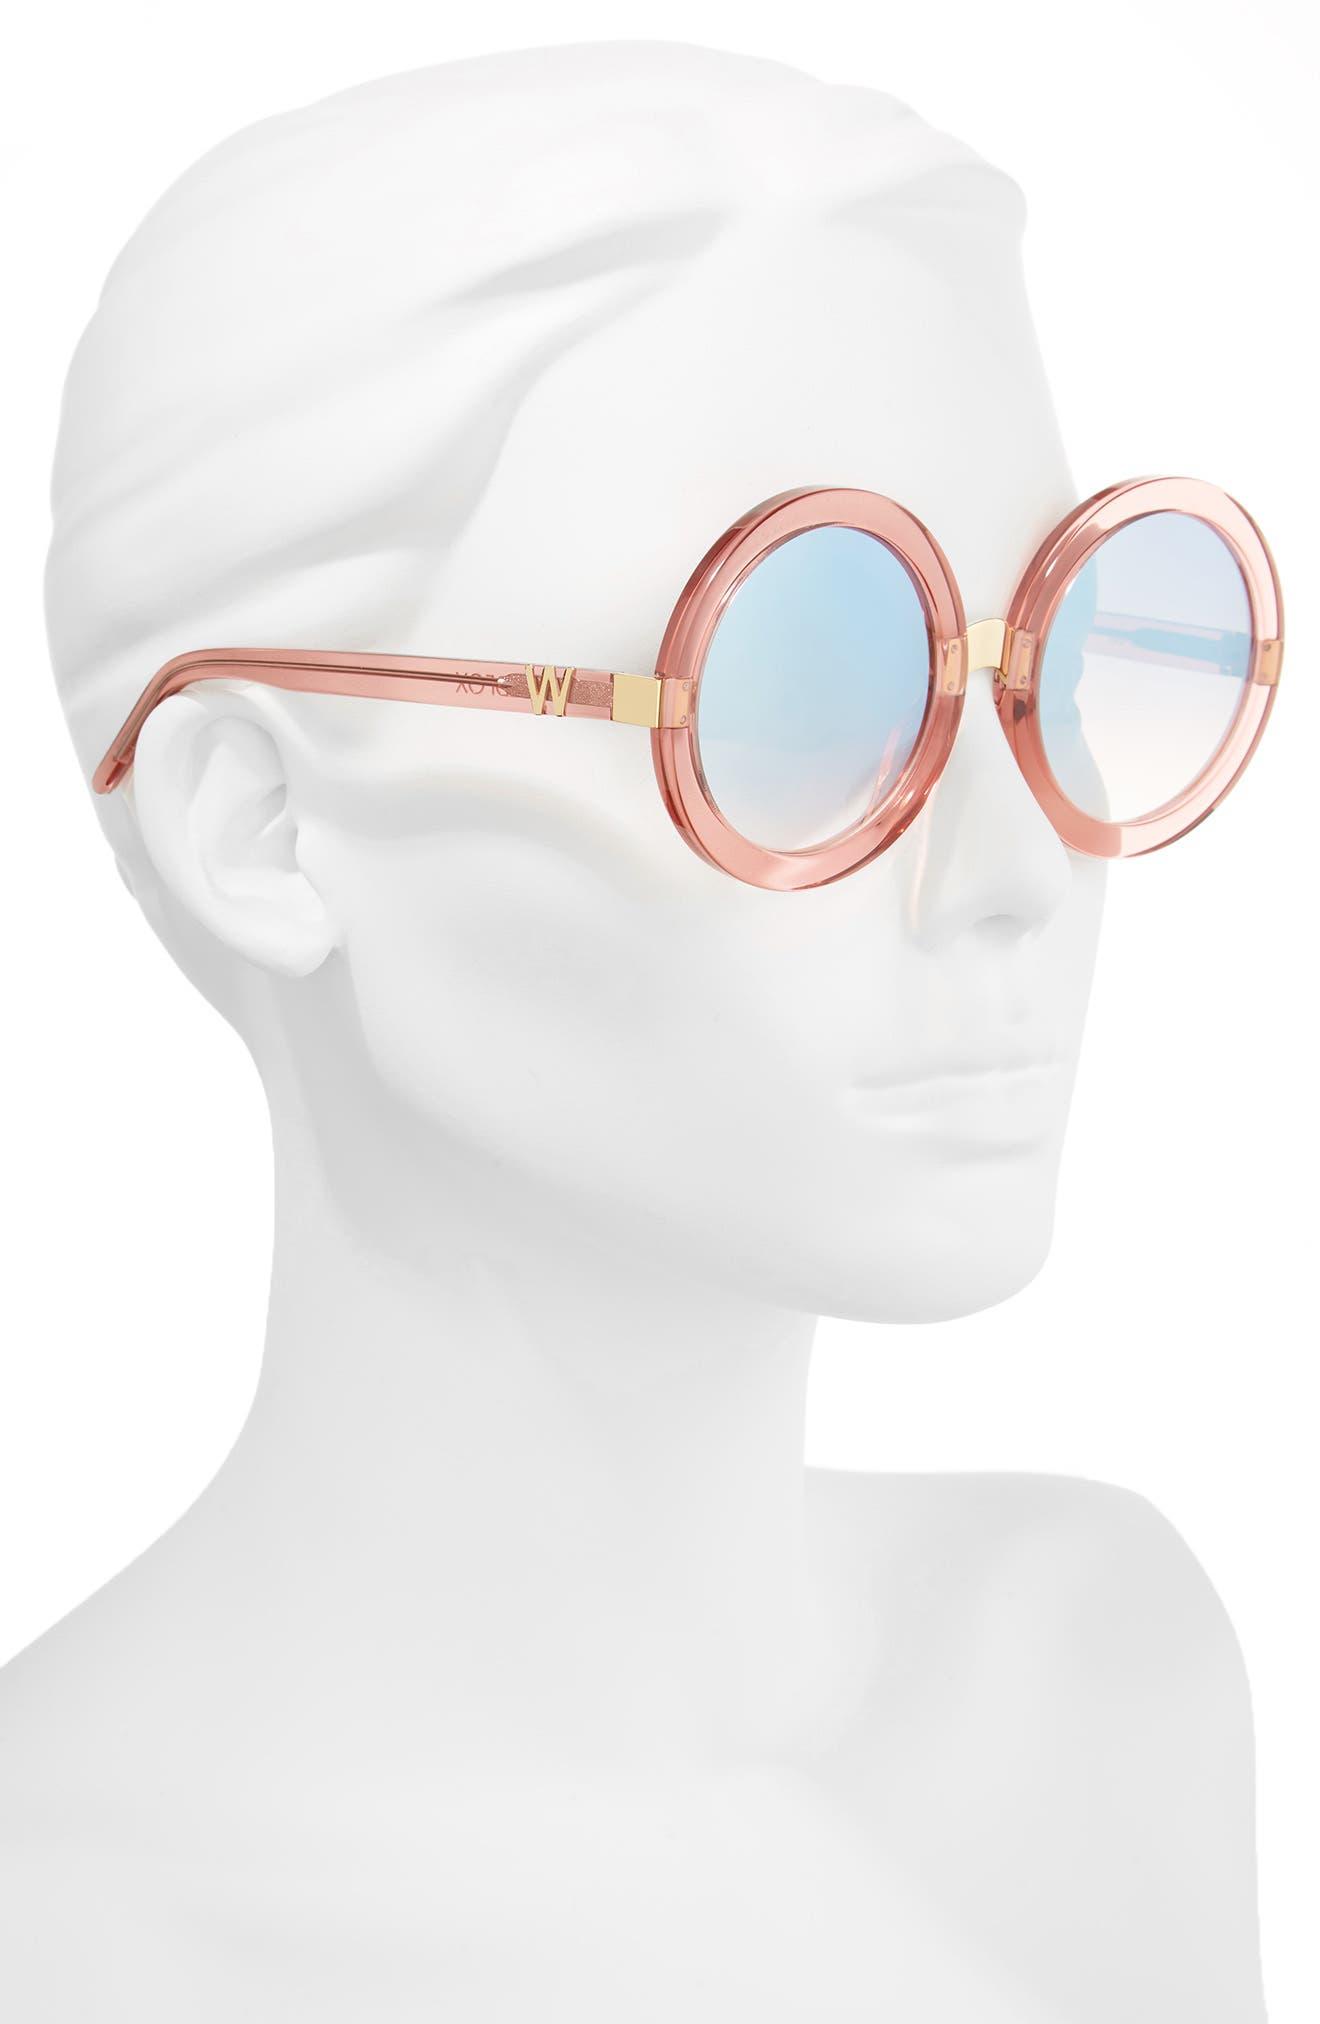 WILDFOX, 'Malibu Deluxe' 55mm Retro Sunglasses, Alternate thumbnail 2, color, 690